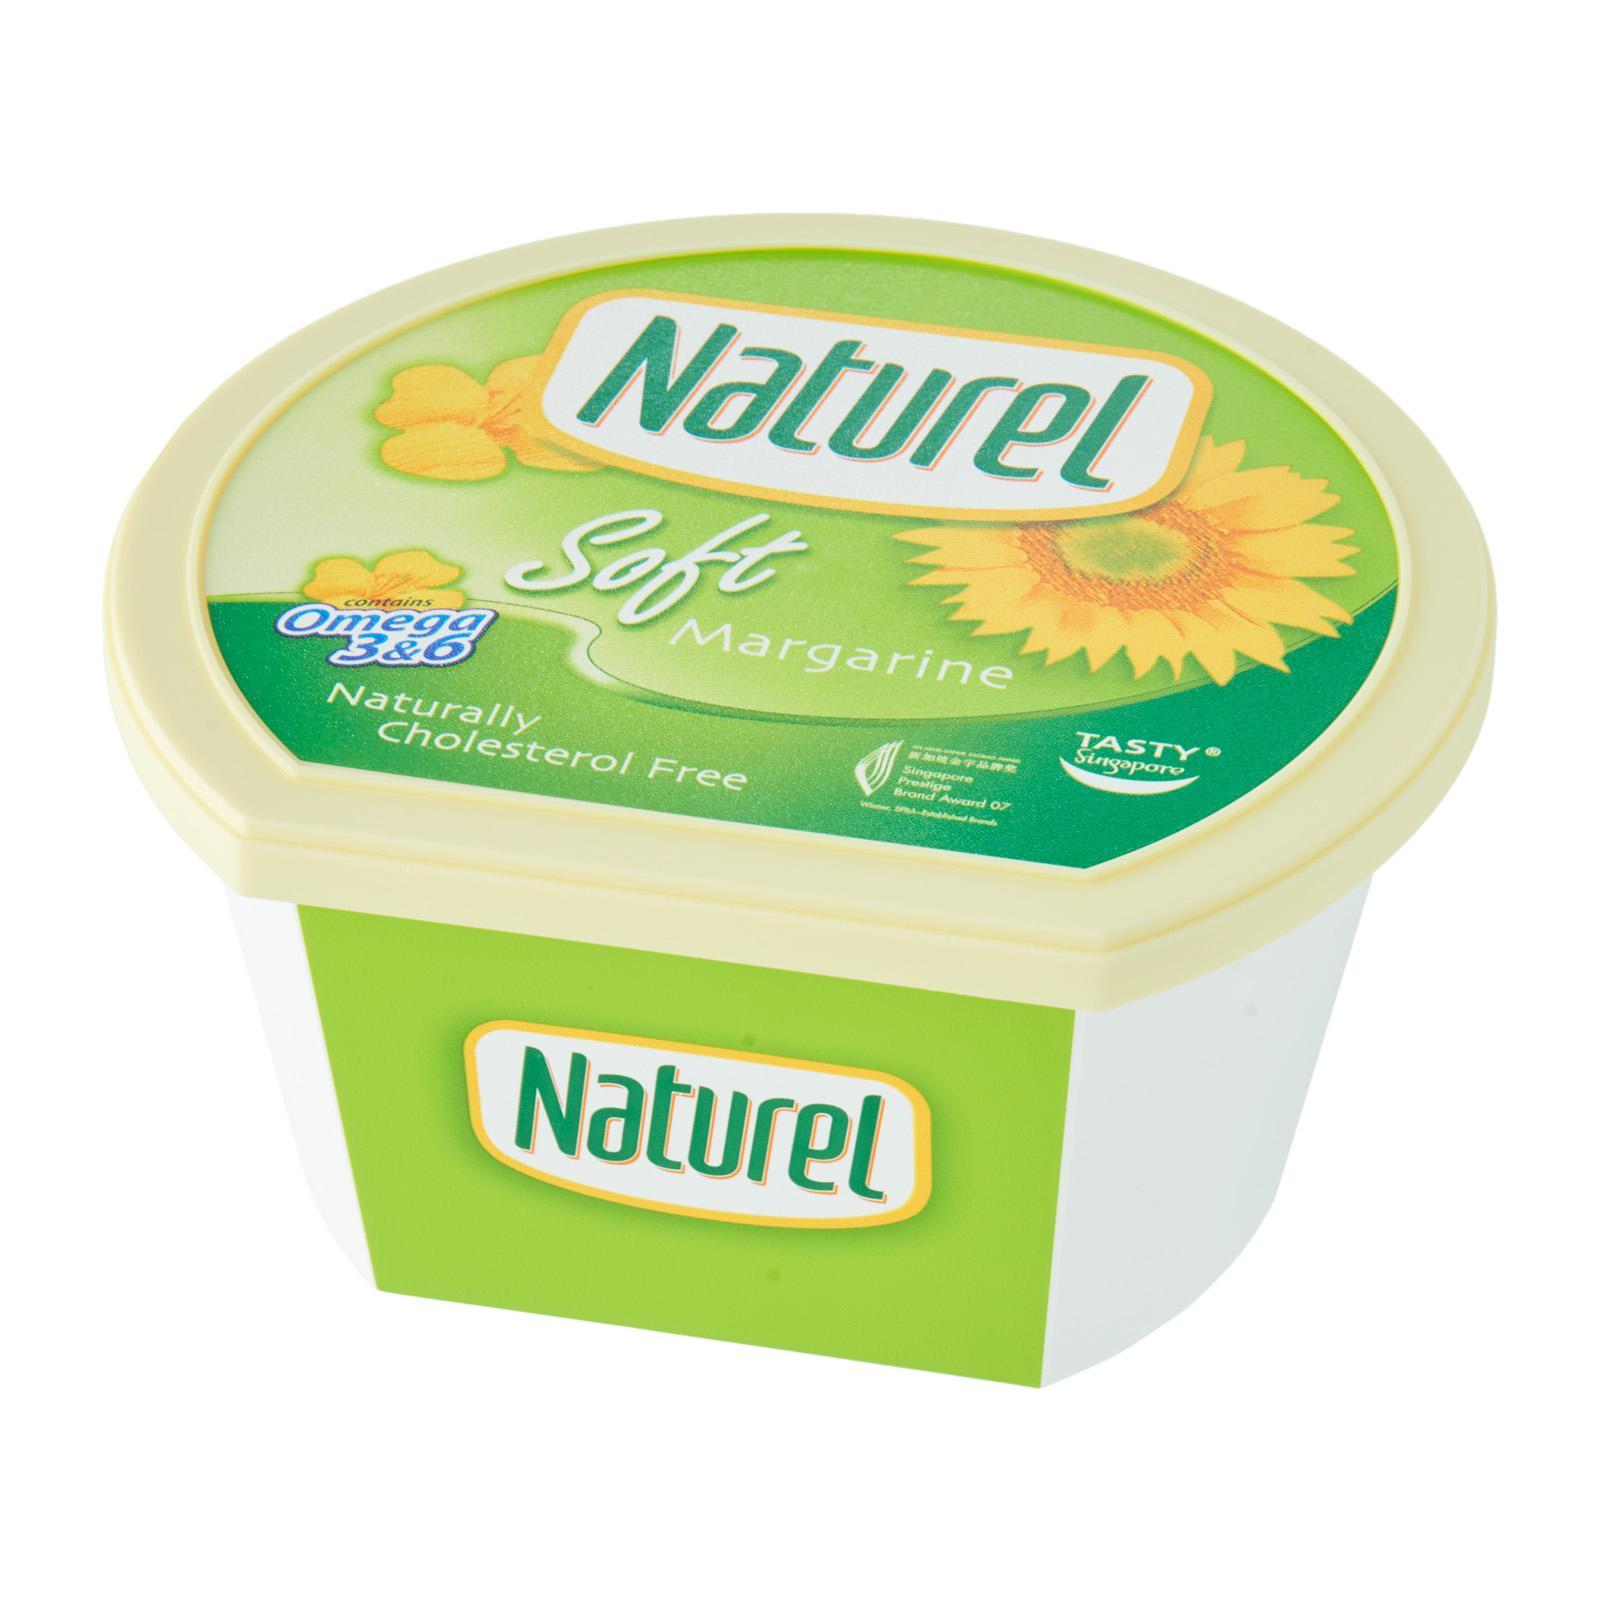 NATUREL Soft Margarine 500g